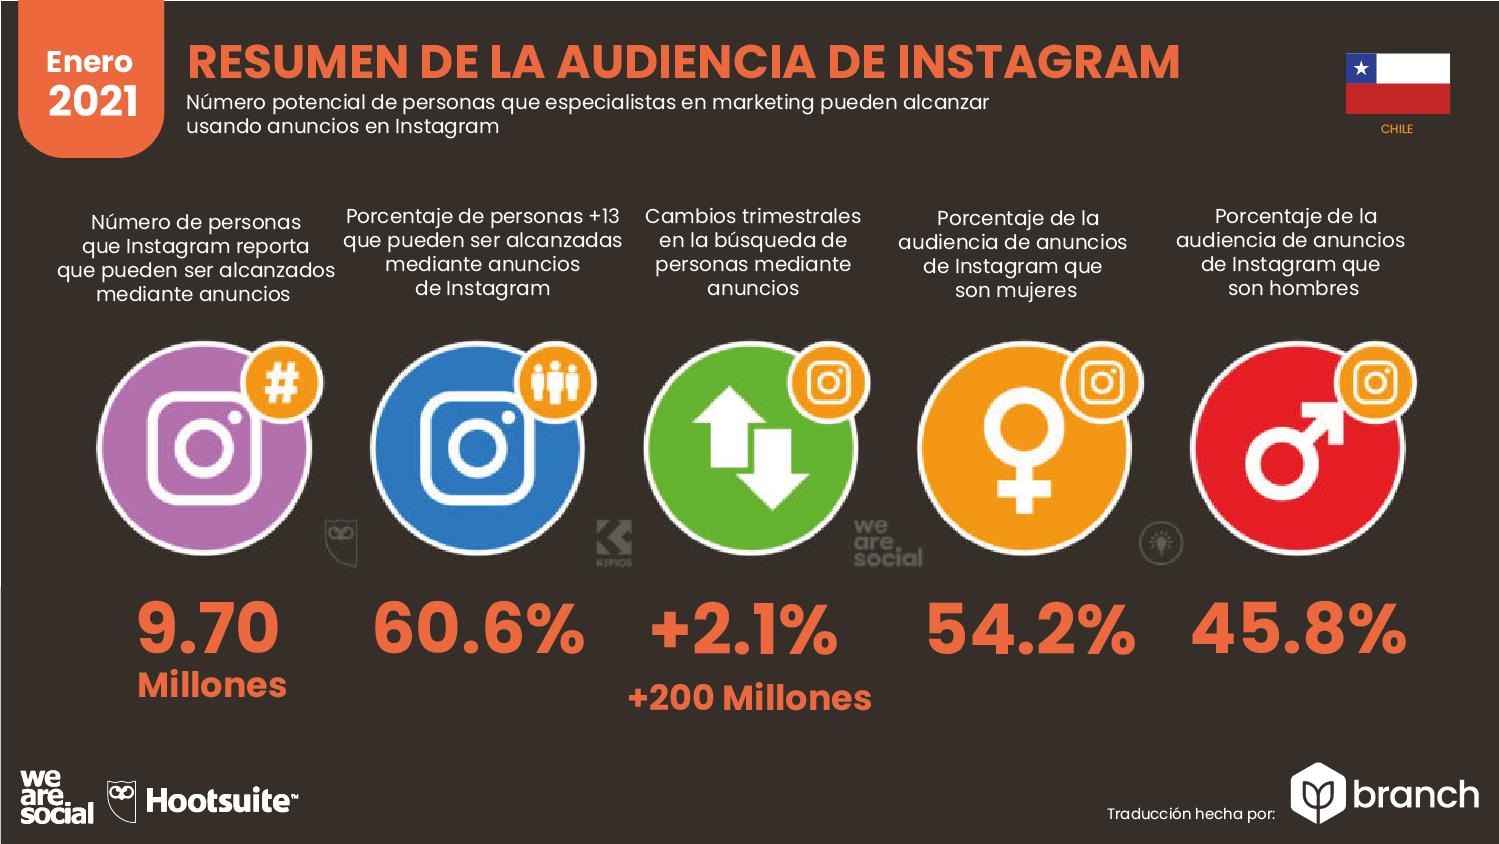 audiencia-de-instagram-en-chile-2020-2021